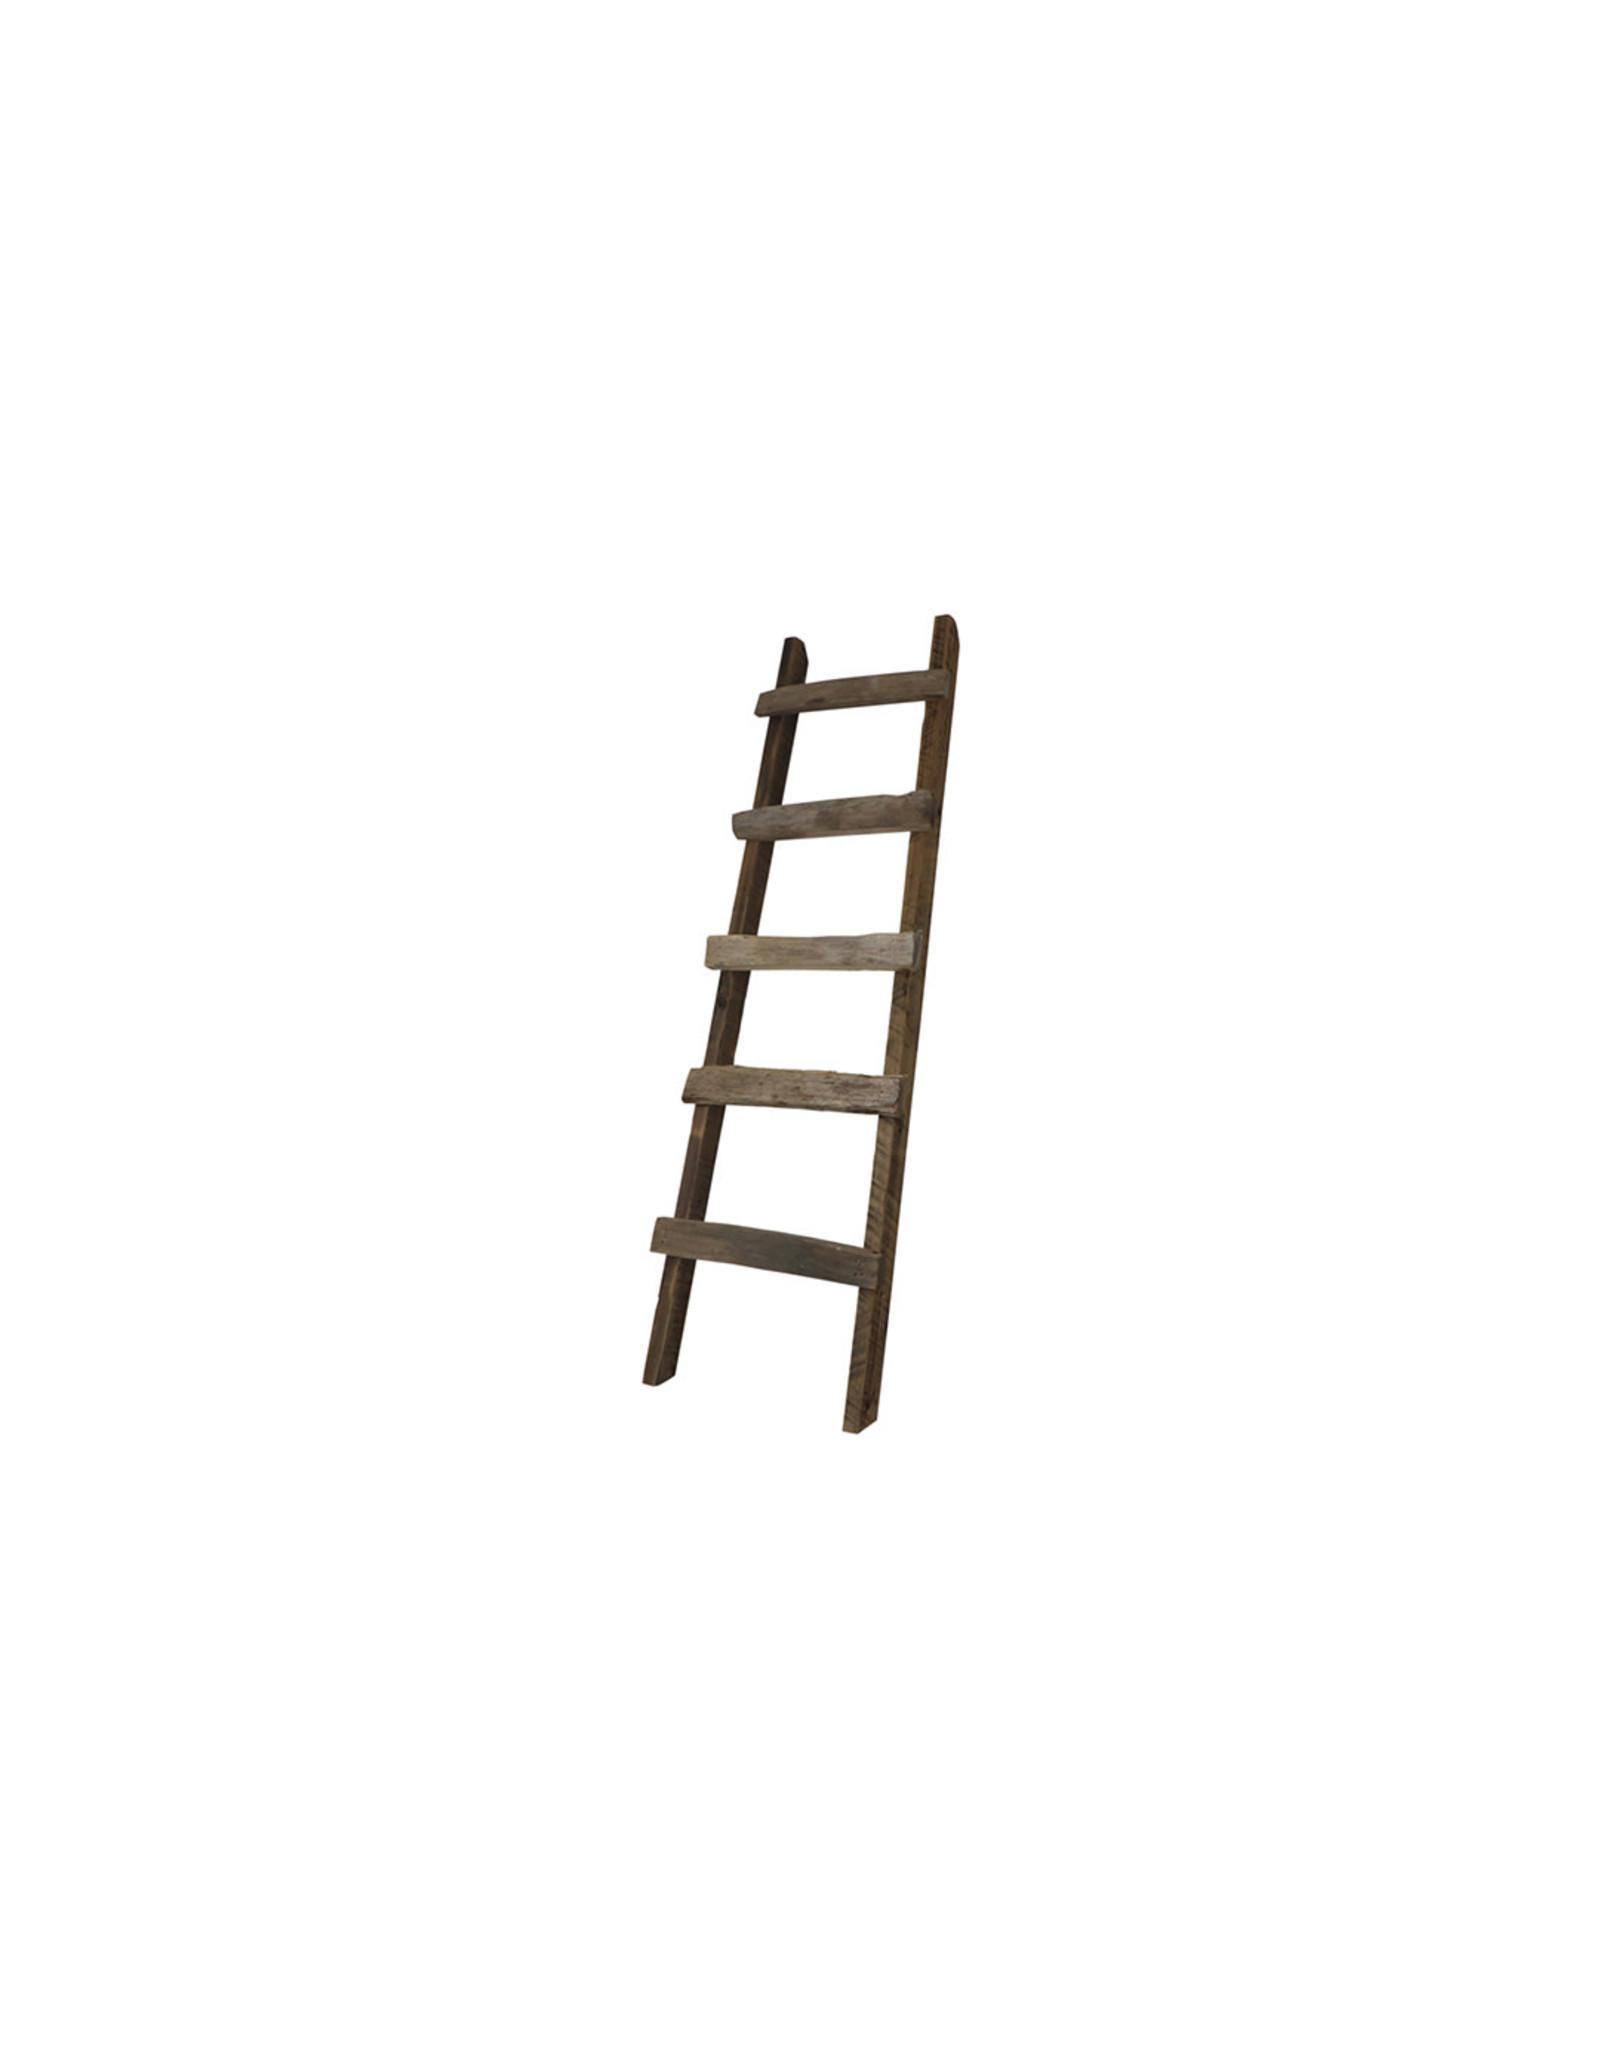 Dijk Historic wood deco ladder natural 180x39/55cm